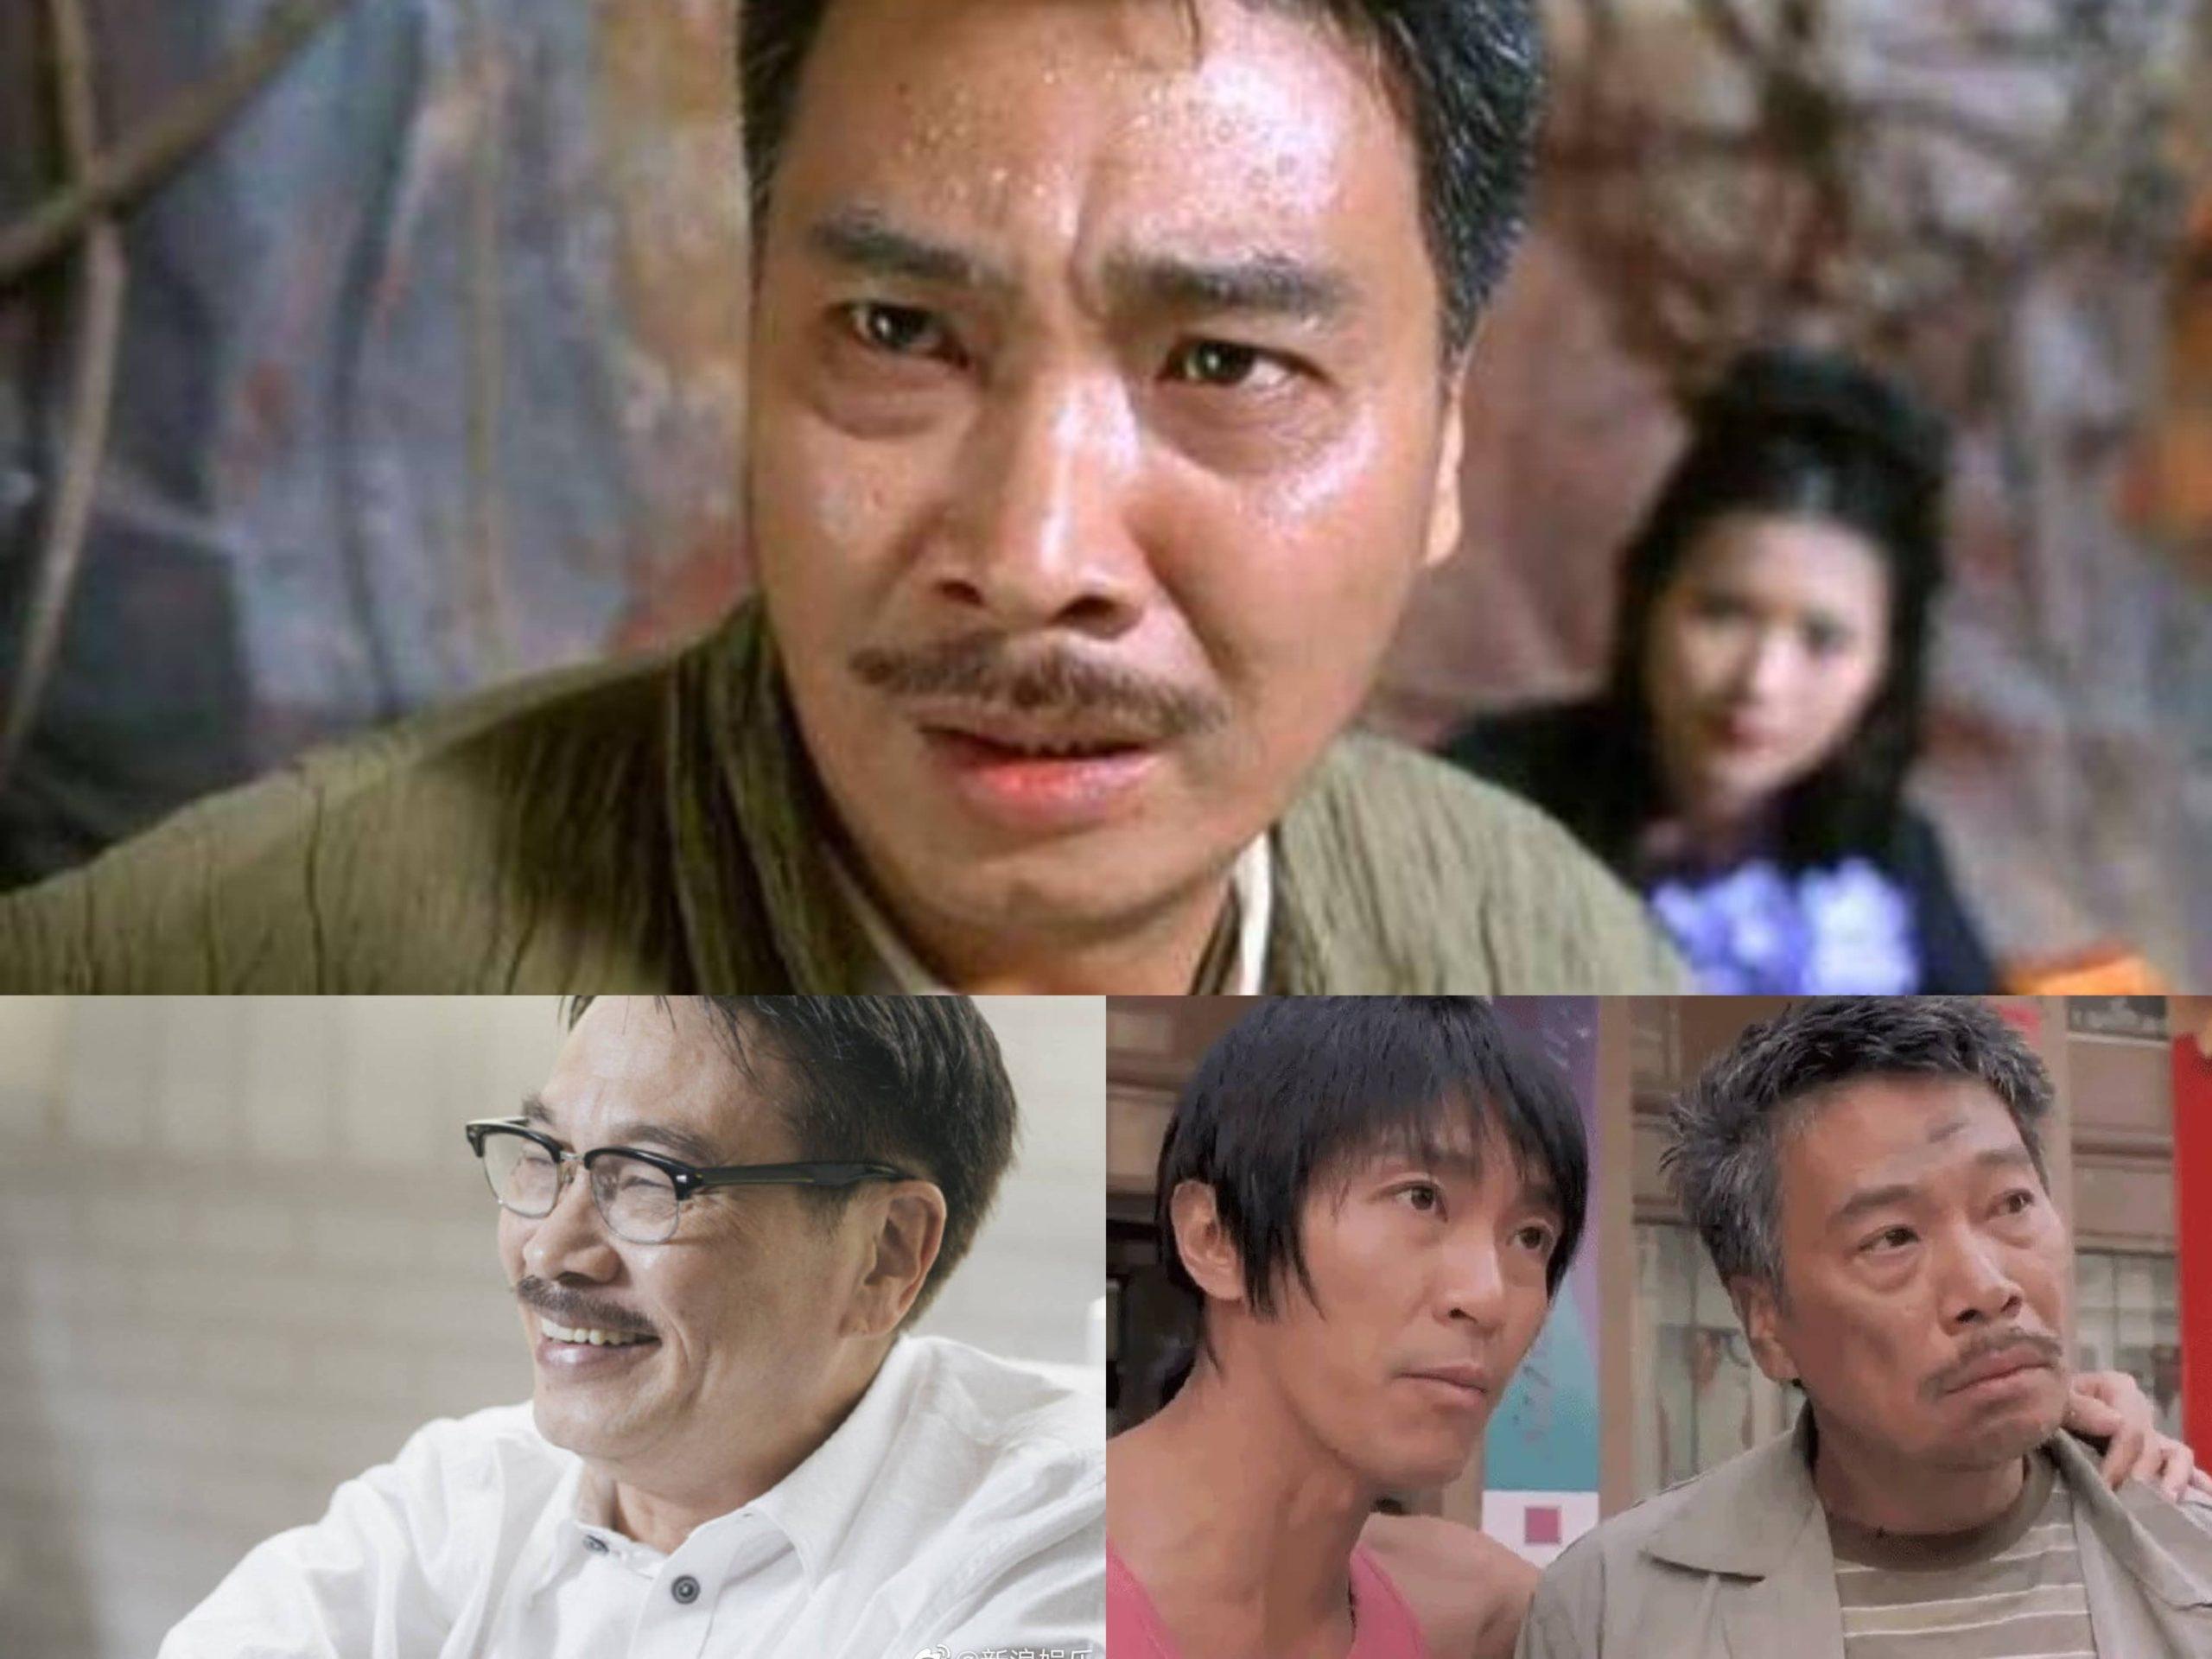 Ng Man Tat, Salah Satu Pelakon Yang Pernah Berlakon Bersama Stephen Chow Meninggal Dunia